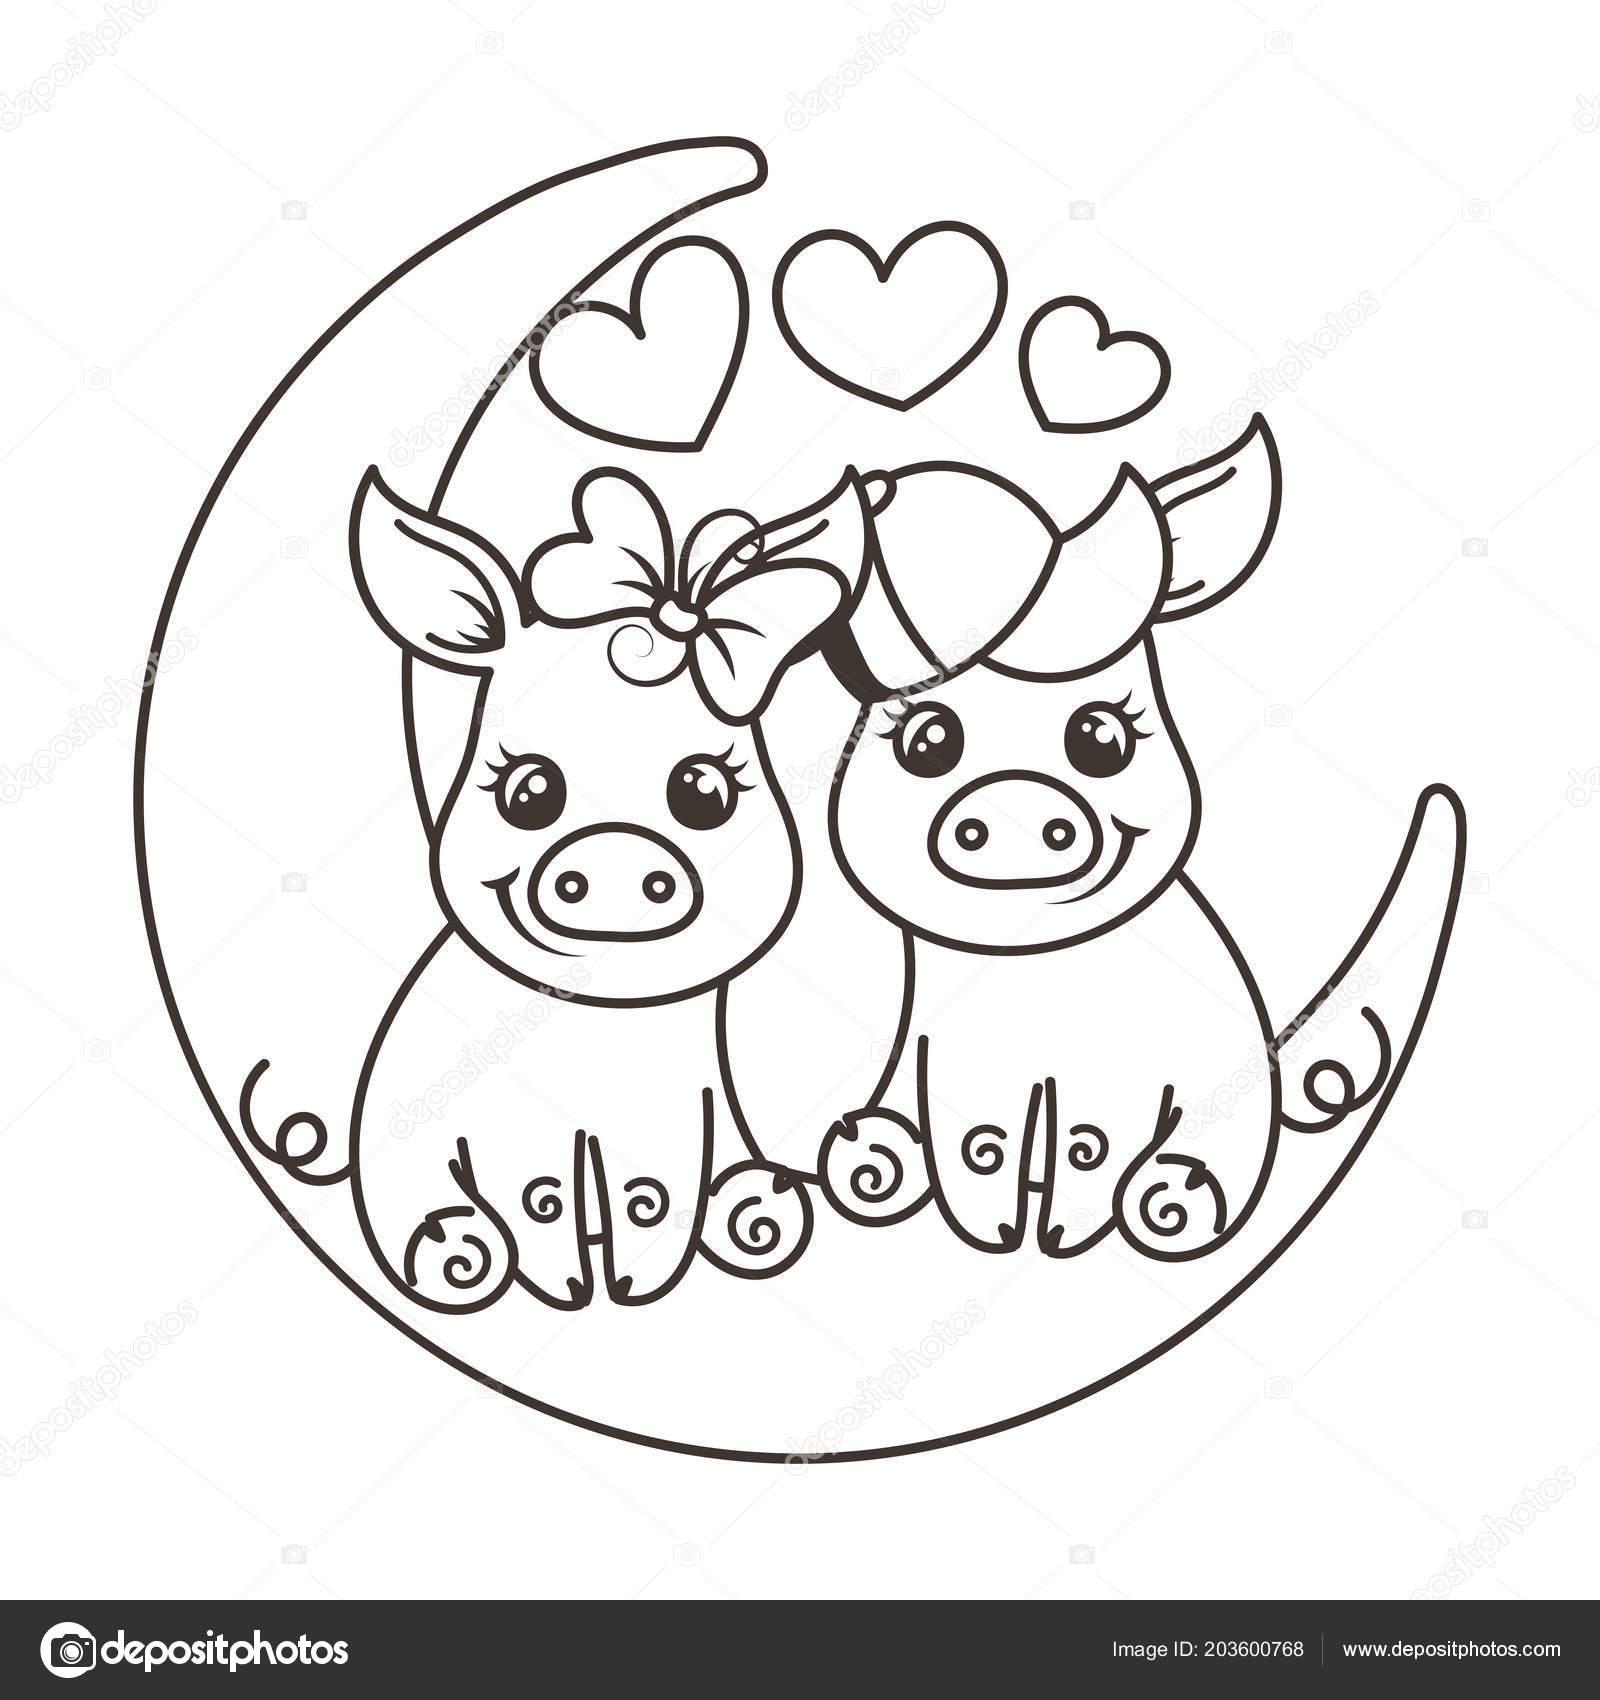 Imagenes De Dibujos Animados Para Colorear De Amor On Log Wall